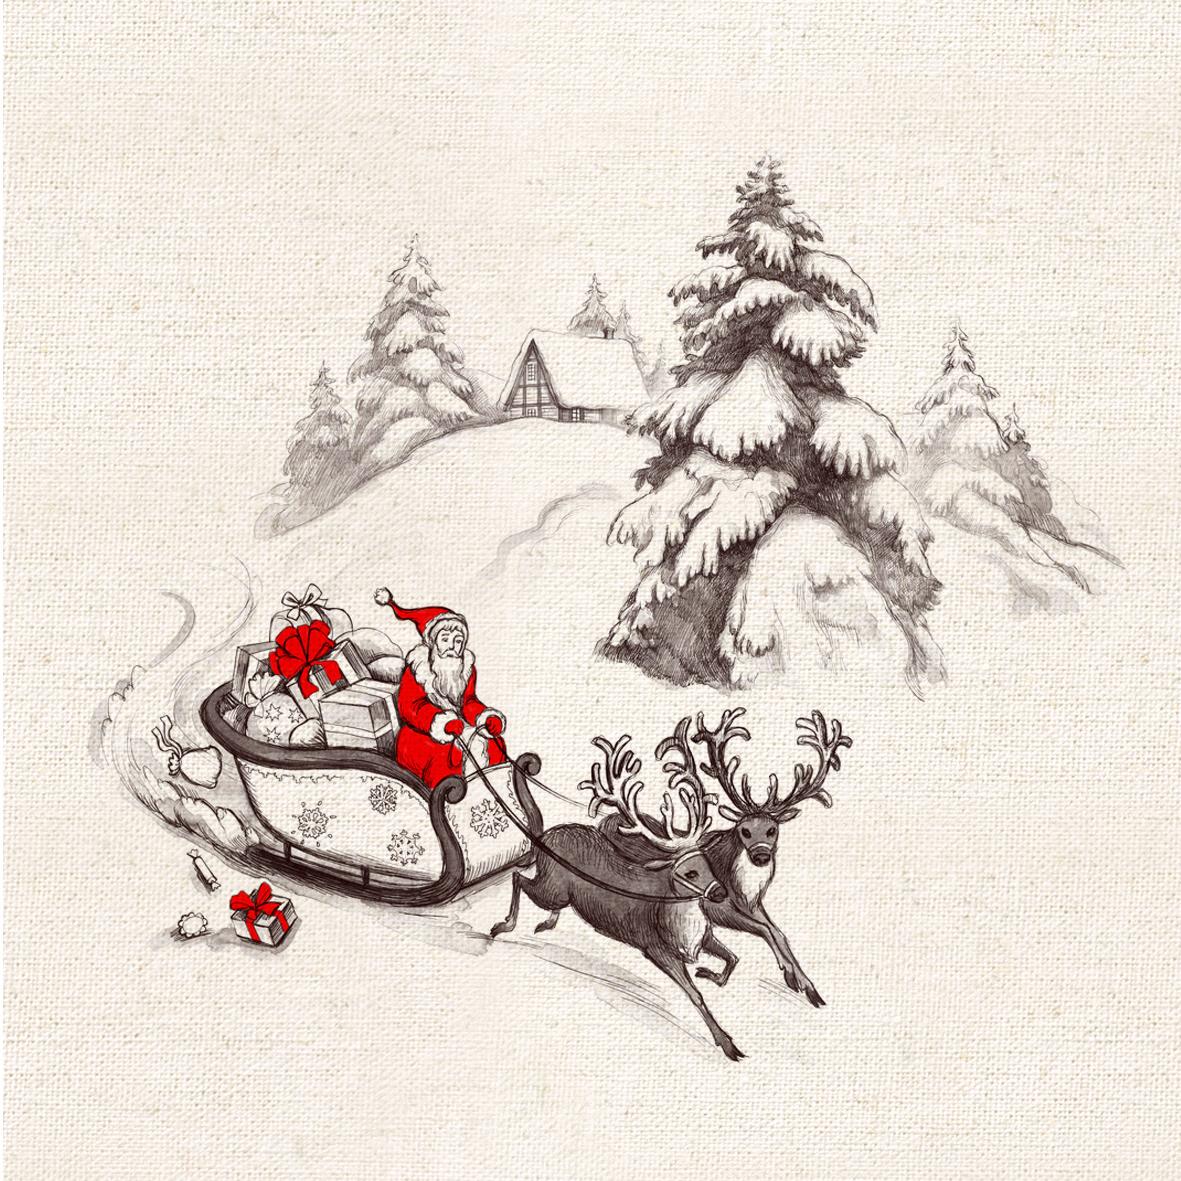 Миссис cat ткани ручной работы ткани хлопок, Лен хлопок, лен рука крашения хлопка и льняном холсте карты Рождество